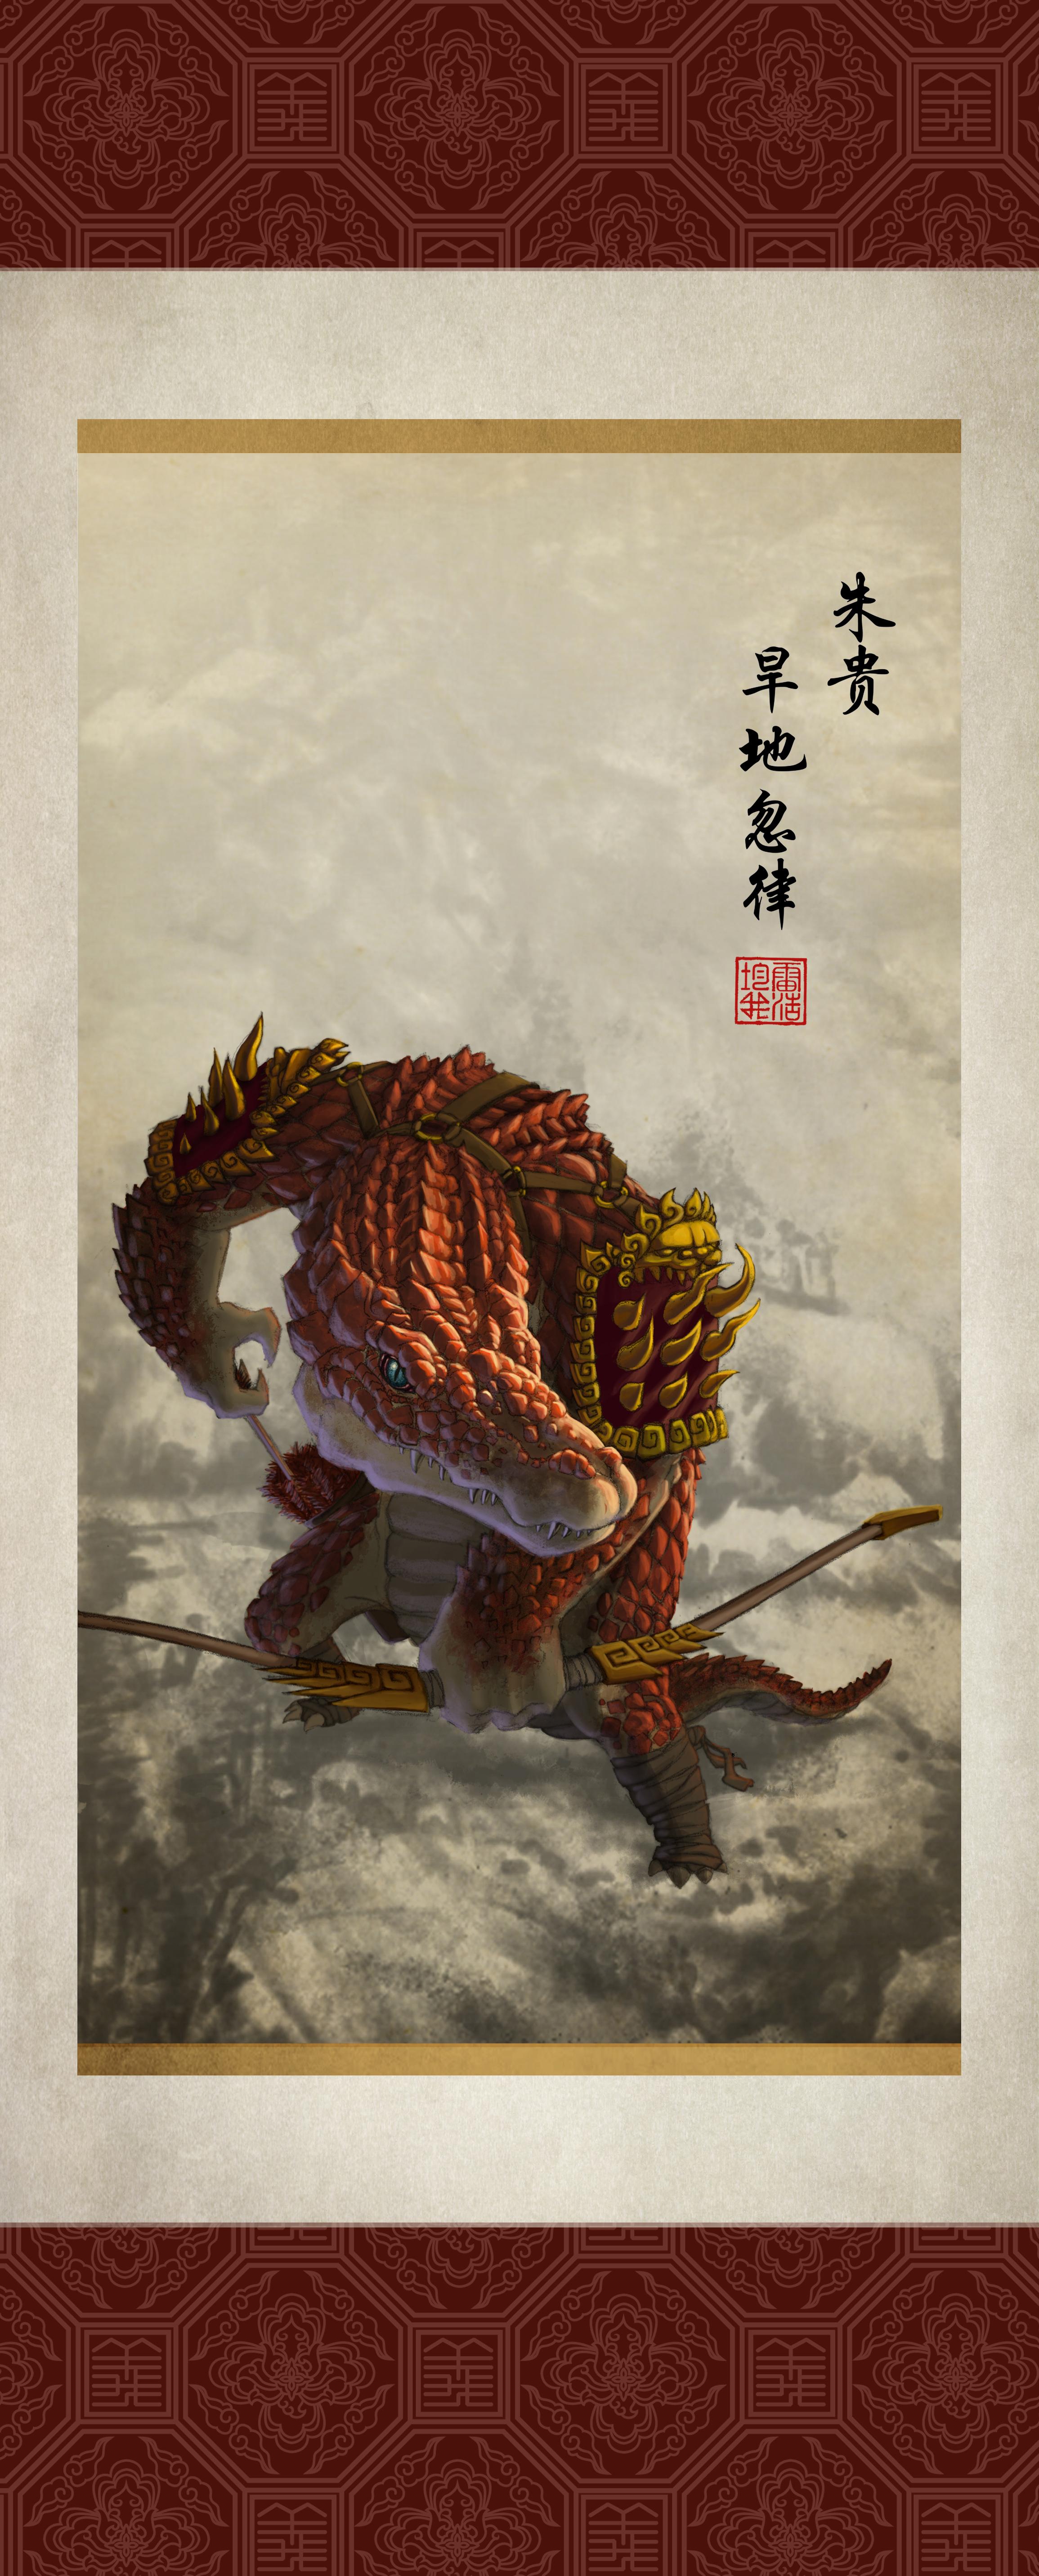 朱貴 Zhu Gui